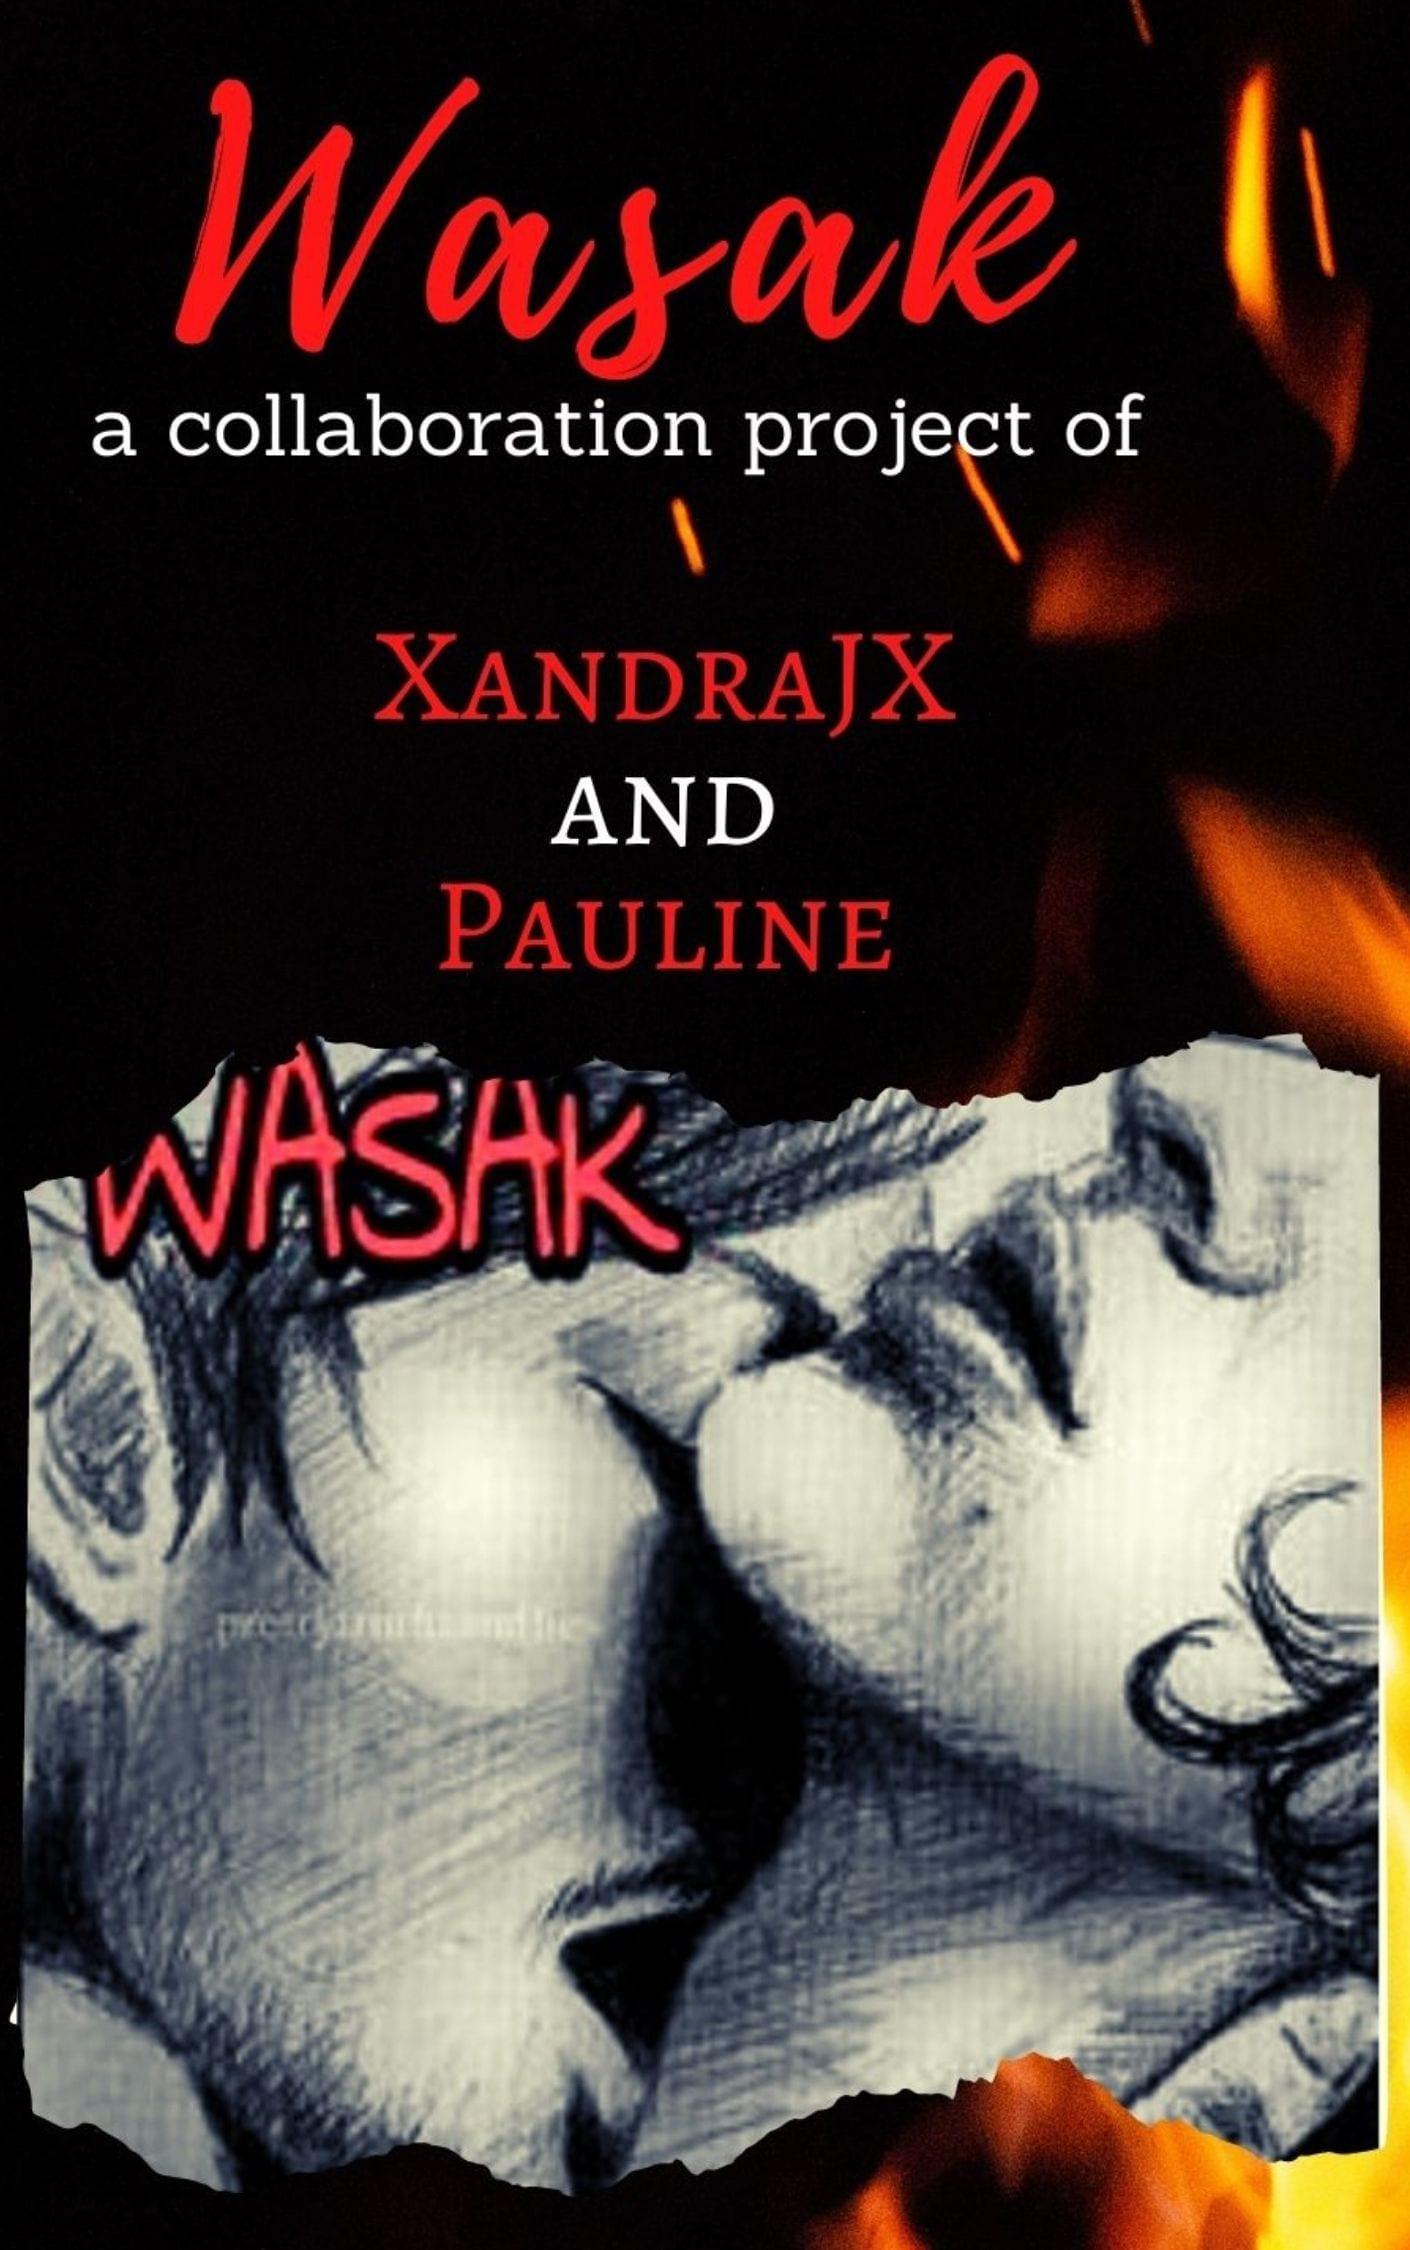 wasak